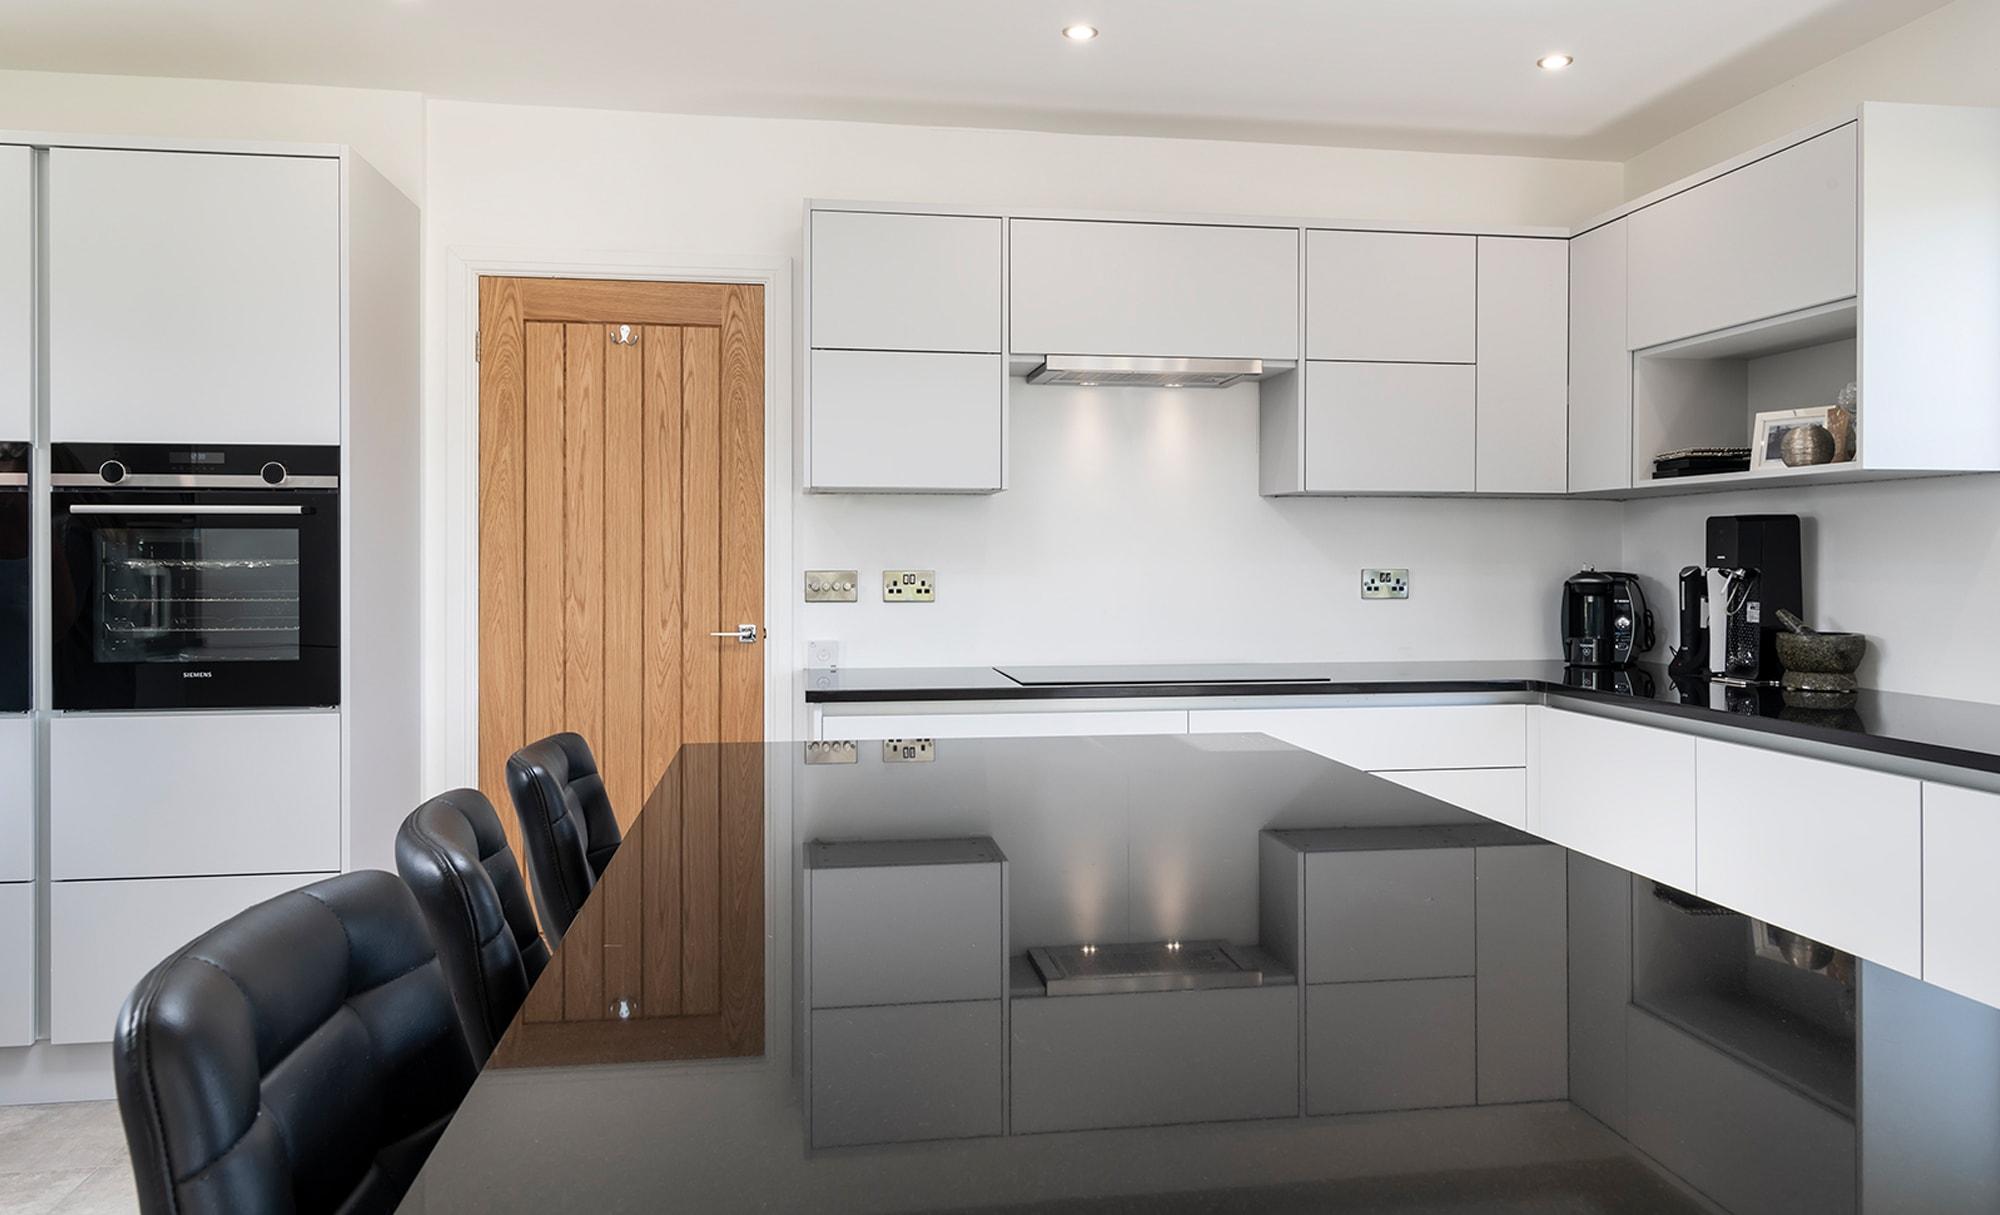 Portishead Zola Matte kitchen with black worktop